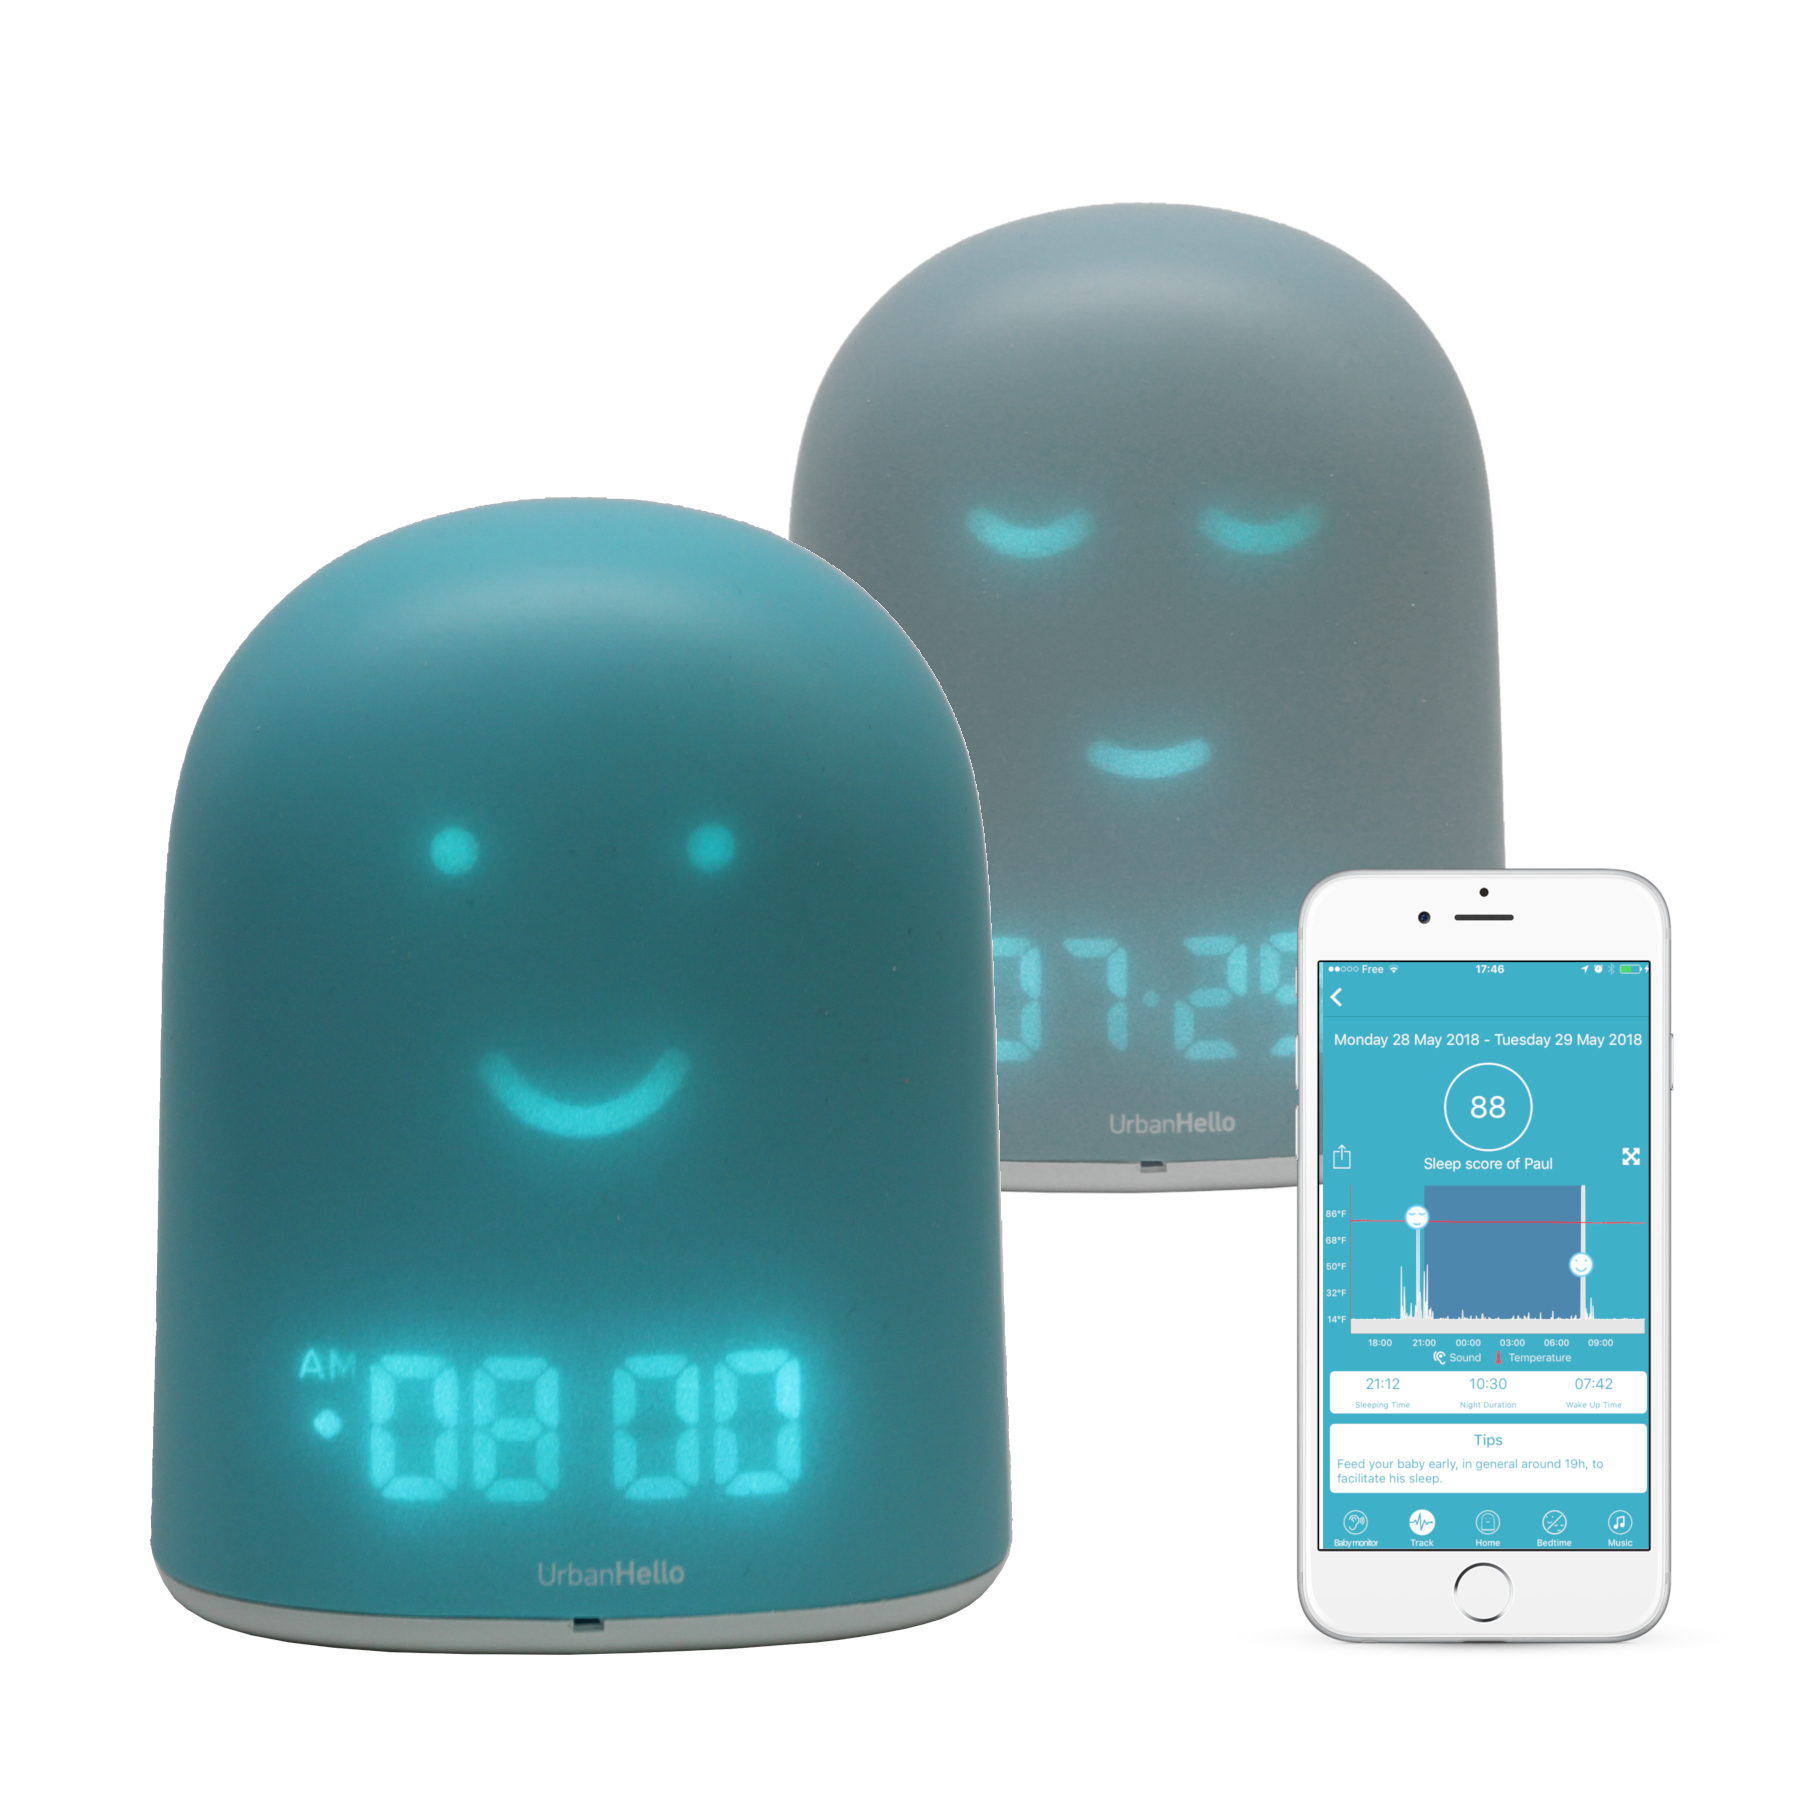 REMI Bleu - Le Meilleur Réveil Enfant Jour Nuit éducatif pour apprendre à dormir plus - Suivi du sommeil - Babyphone - Veilleuse - Enceinte musique